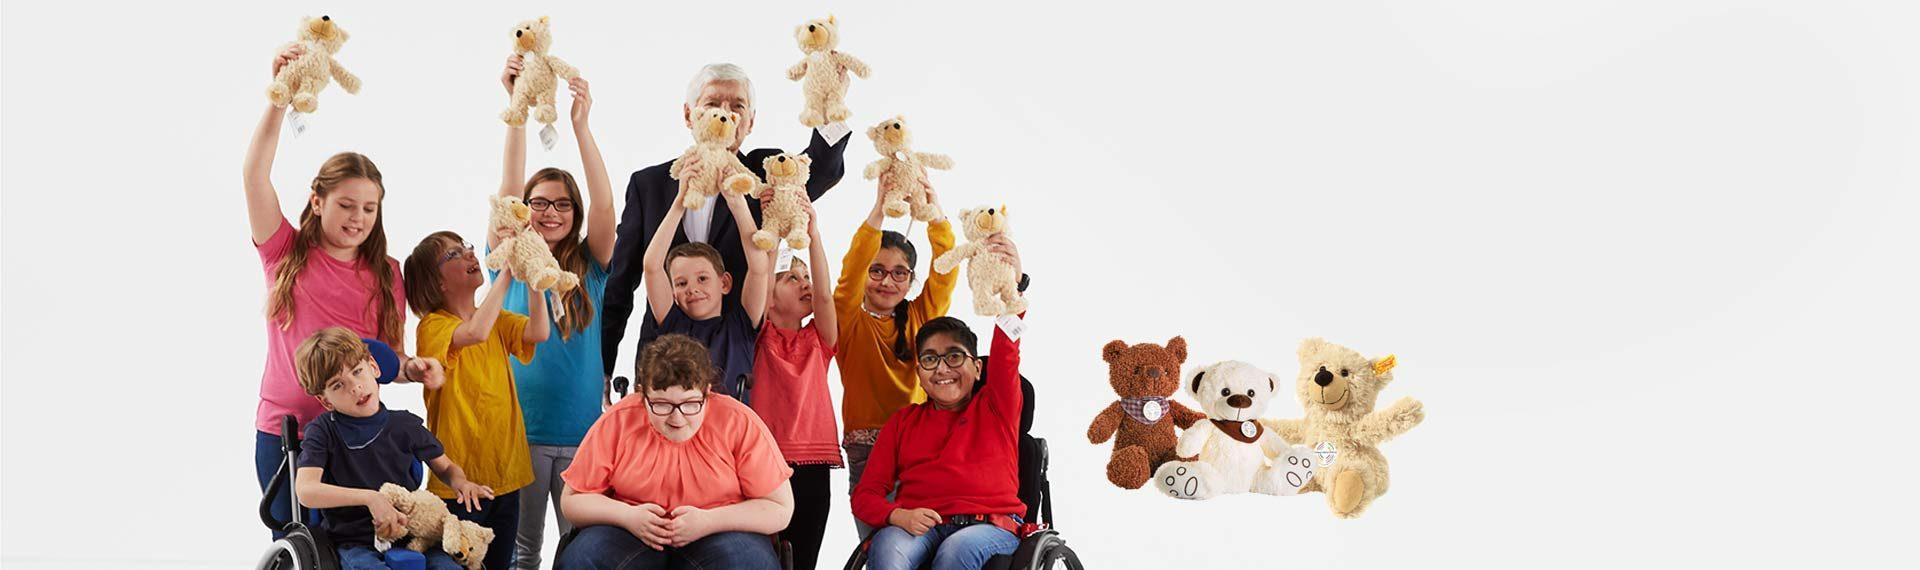 TEDDY kaufen und dabei Gutes tun! Der Verkaufserlös vom Plüschbär TEDDY geht zu 100 Prozent an die Andreas-Gärtner-Stiftung - Hilfe für Menschen mit geistiger Behinderung. jetzt TEDDY kaufen